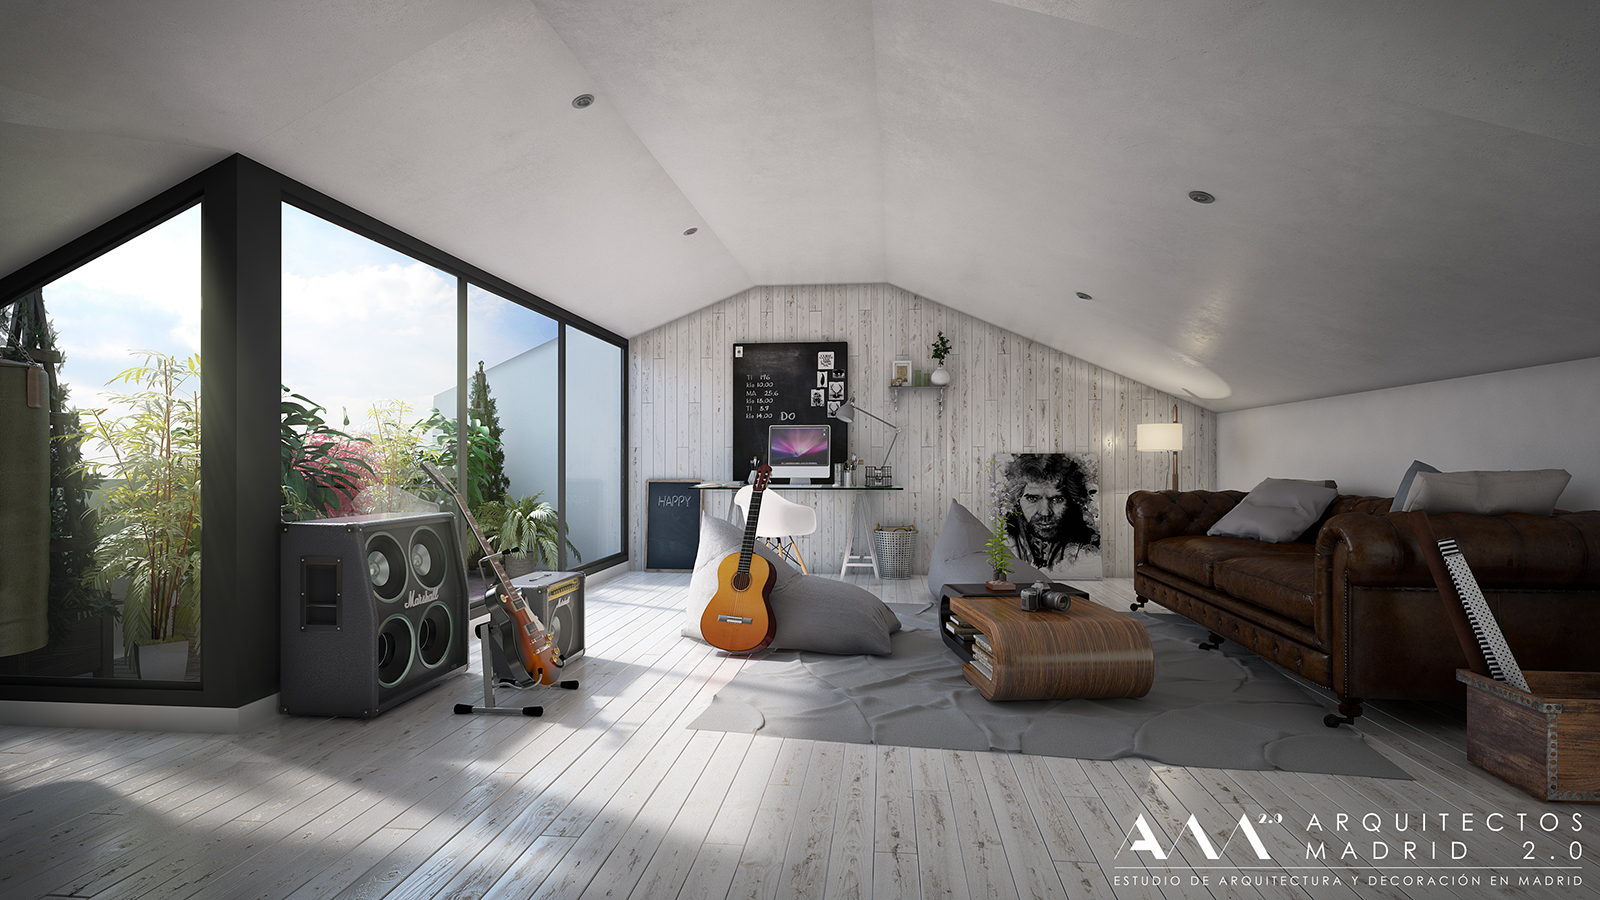 Trabajos desde casa fiables madrid awesome best madrid - Trabajo de arquitecto en madrid ...